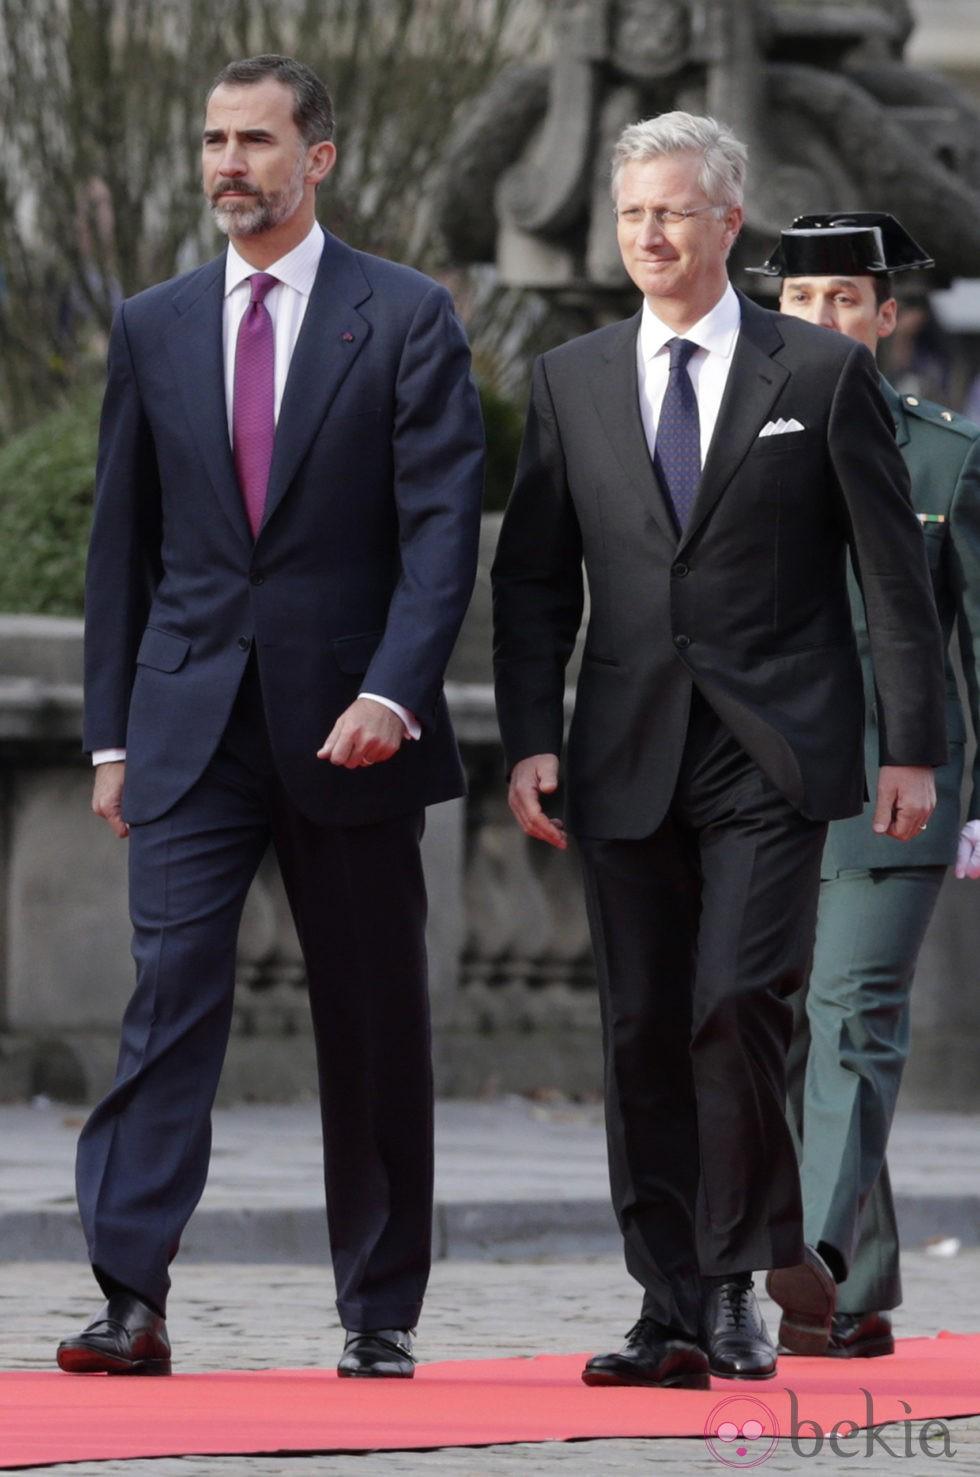 El Rey Felipe VI y el Rey Felipe de Bélgica en la primera visita a Bélgica de Felipe y Letizia como Reyes